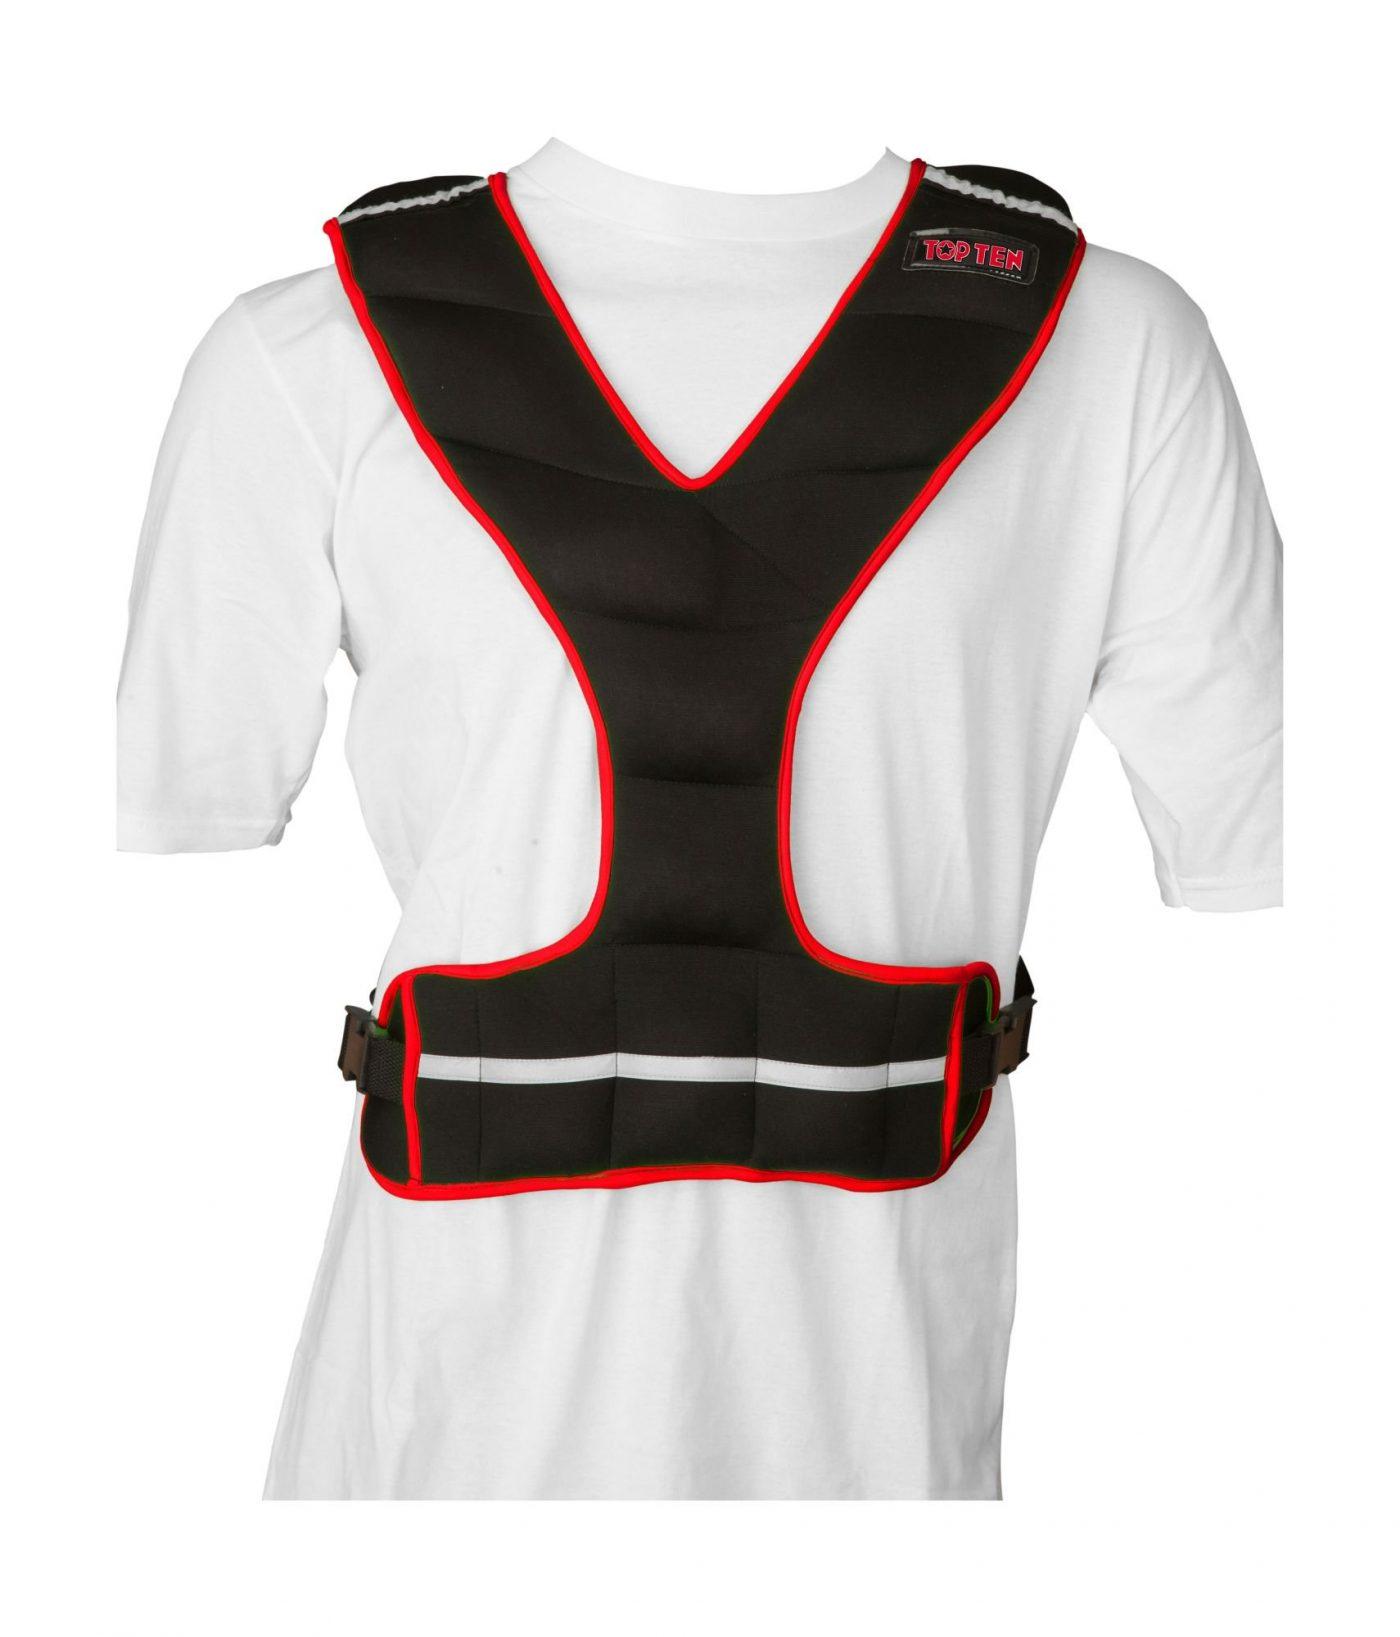 TOP TEN Gewichtsvest (neopreen) Zwart - rood